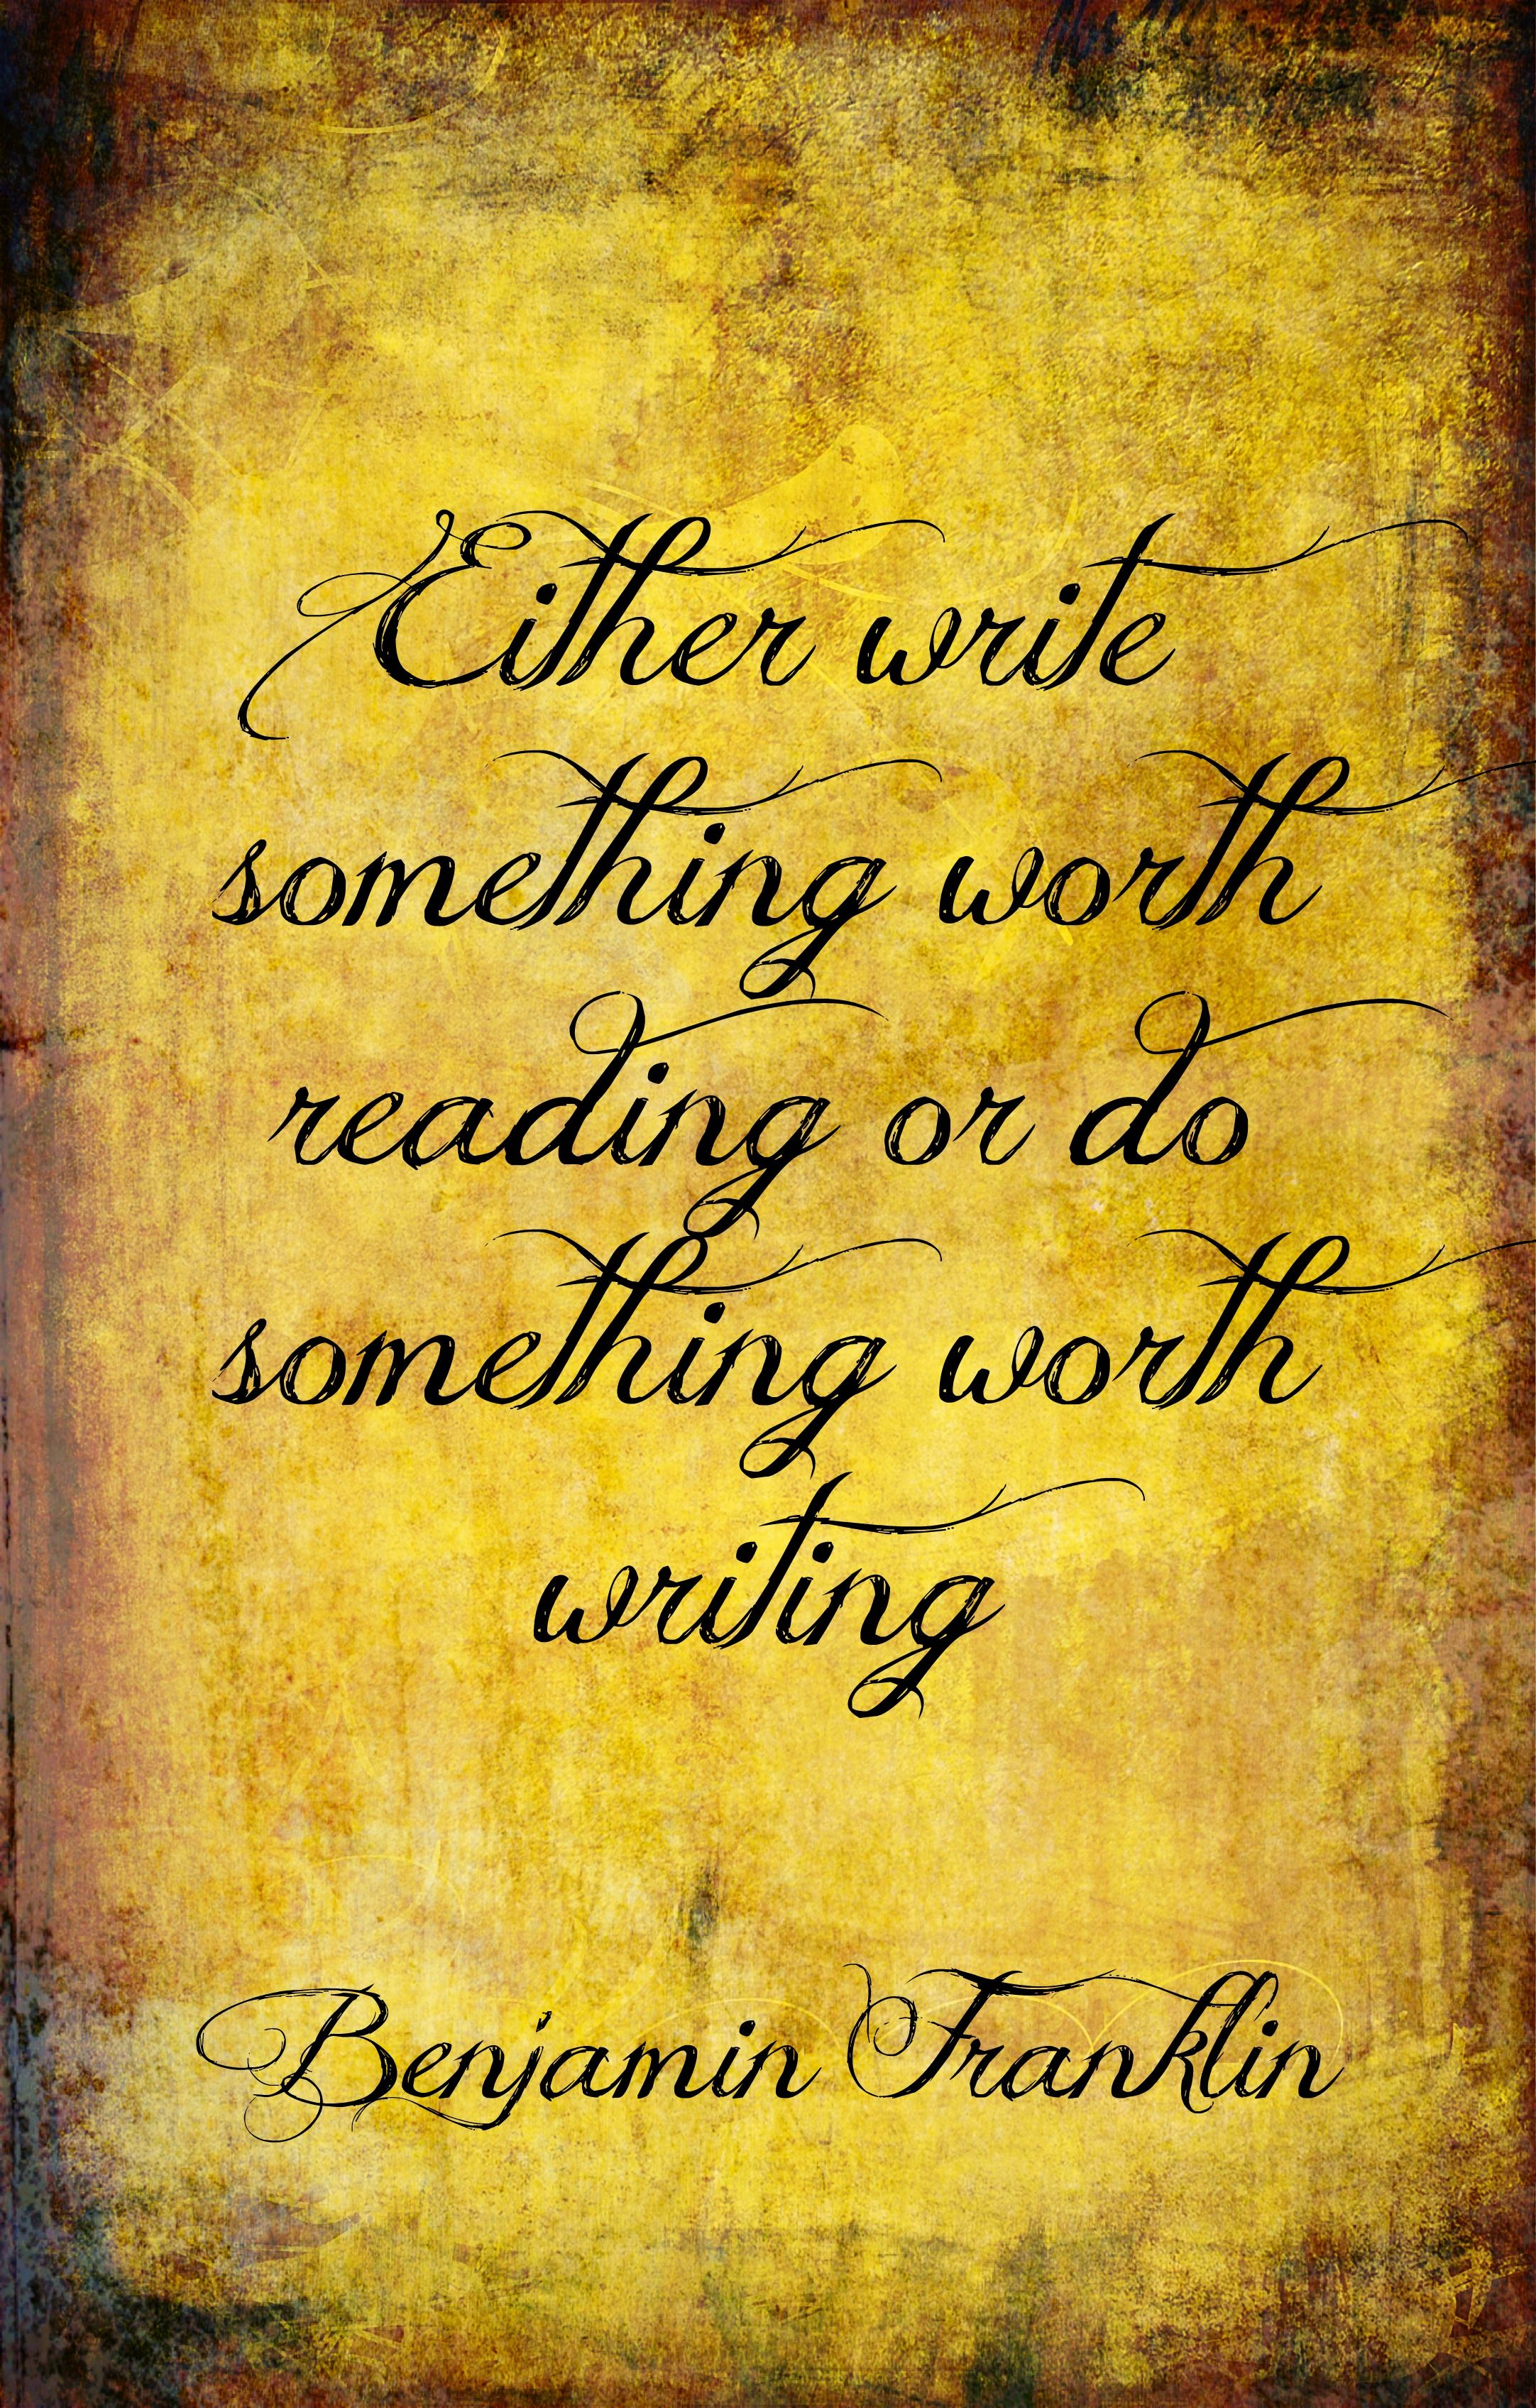 Pin by Tracey Wozniak on Writing Notebooks | Benjamin franklin quotes, Ben  franklin quotes, Writing